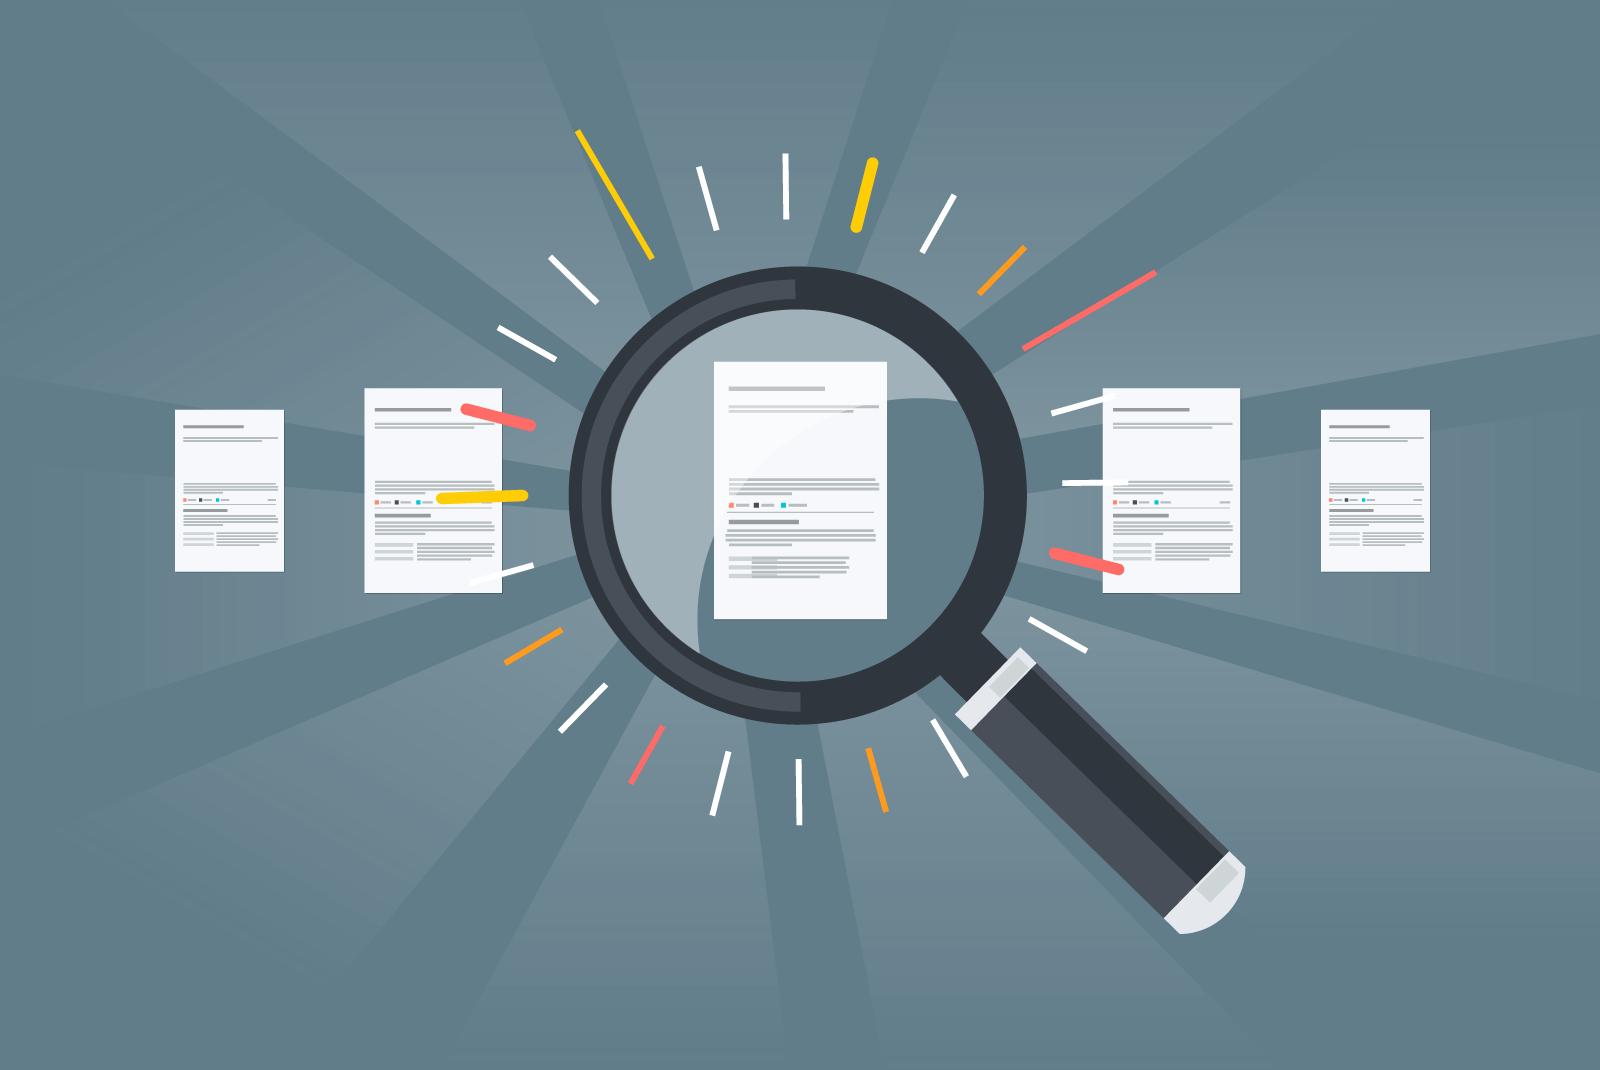 ¿Buscas una solución de búsqueda empresarial? Aquí está dokoni FIND